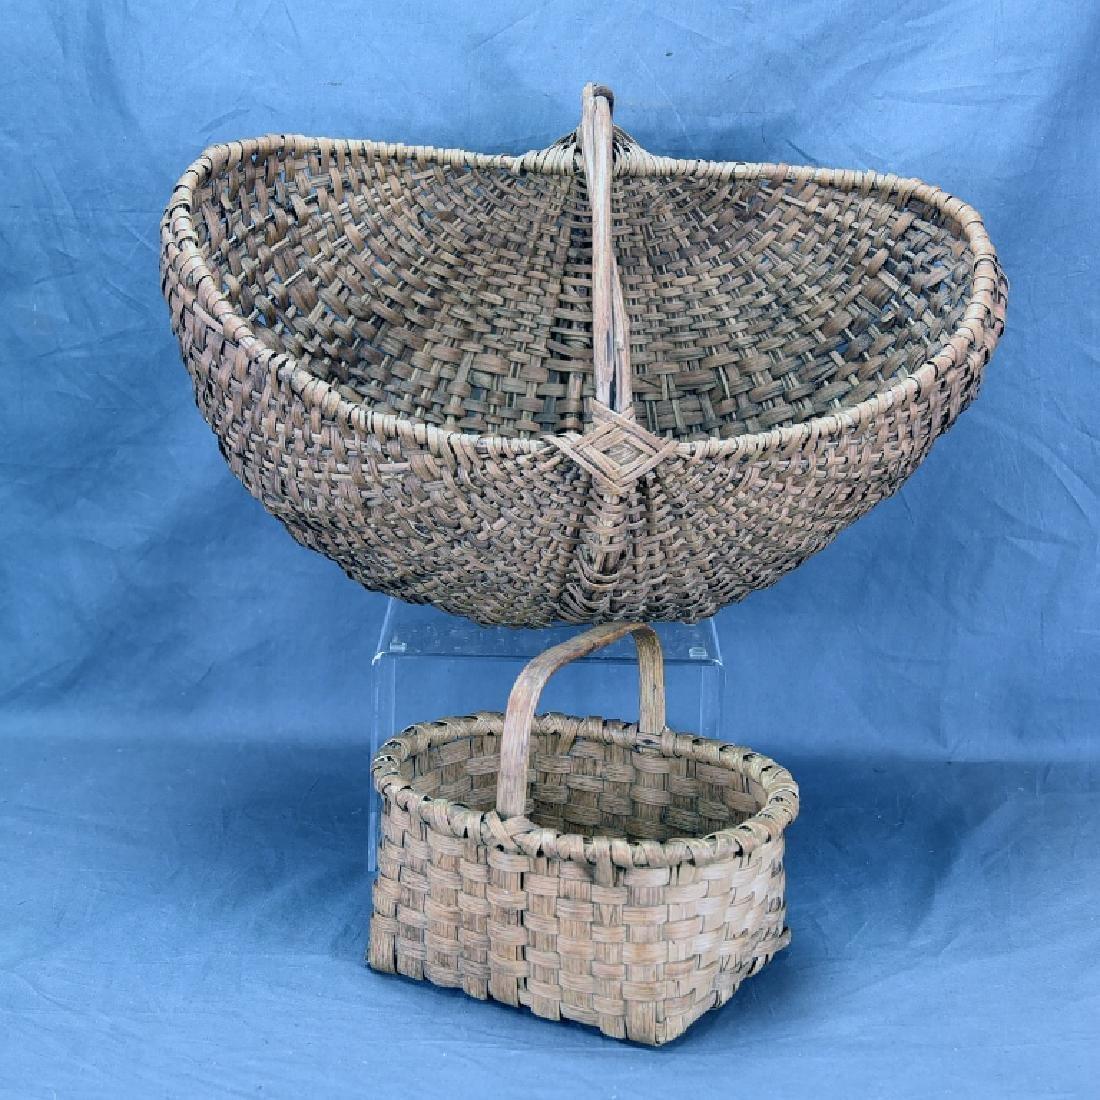 2 Split Ash Baskets